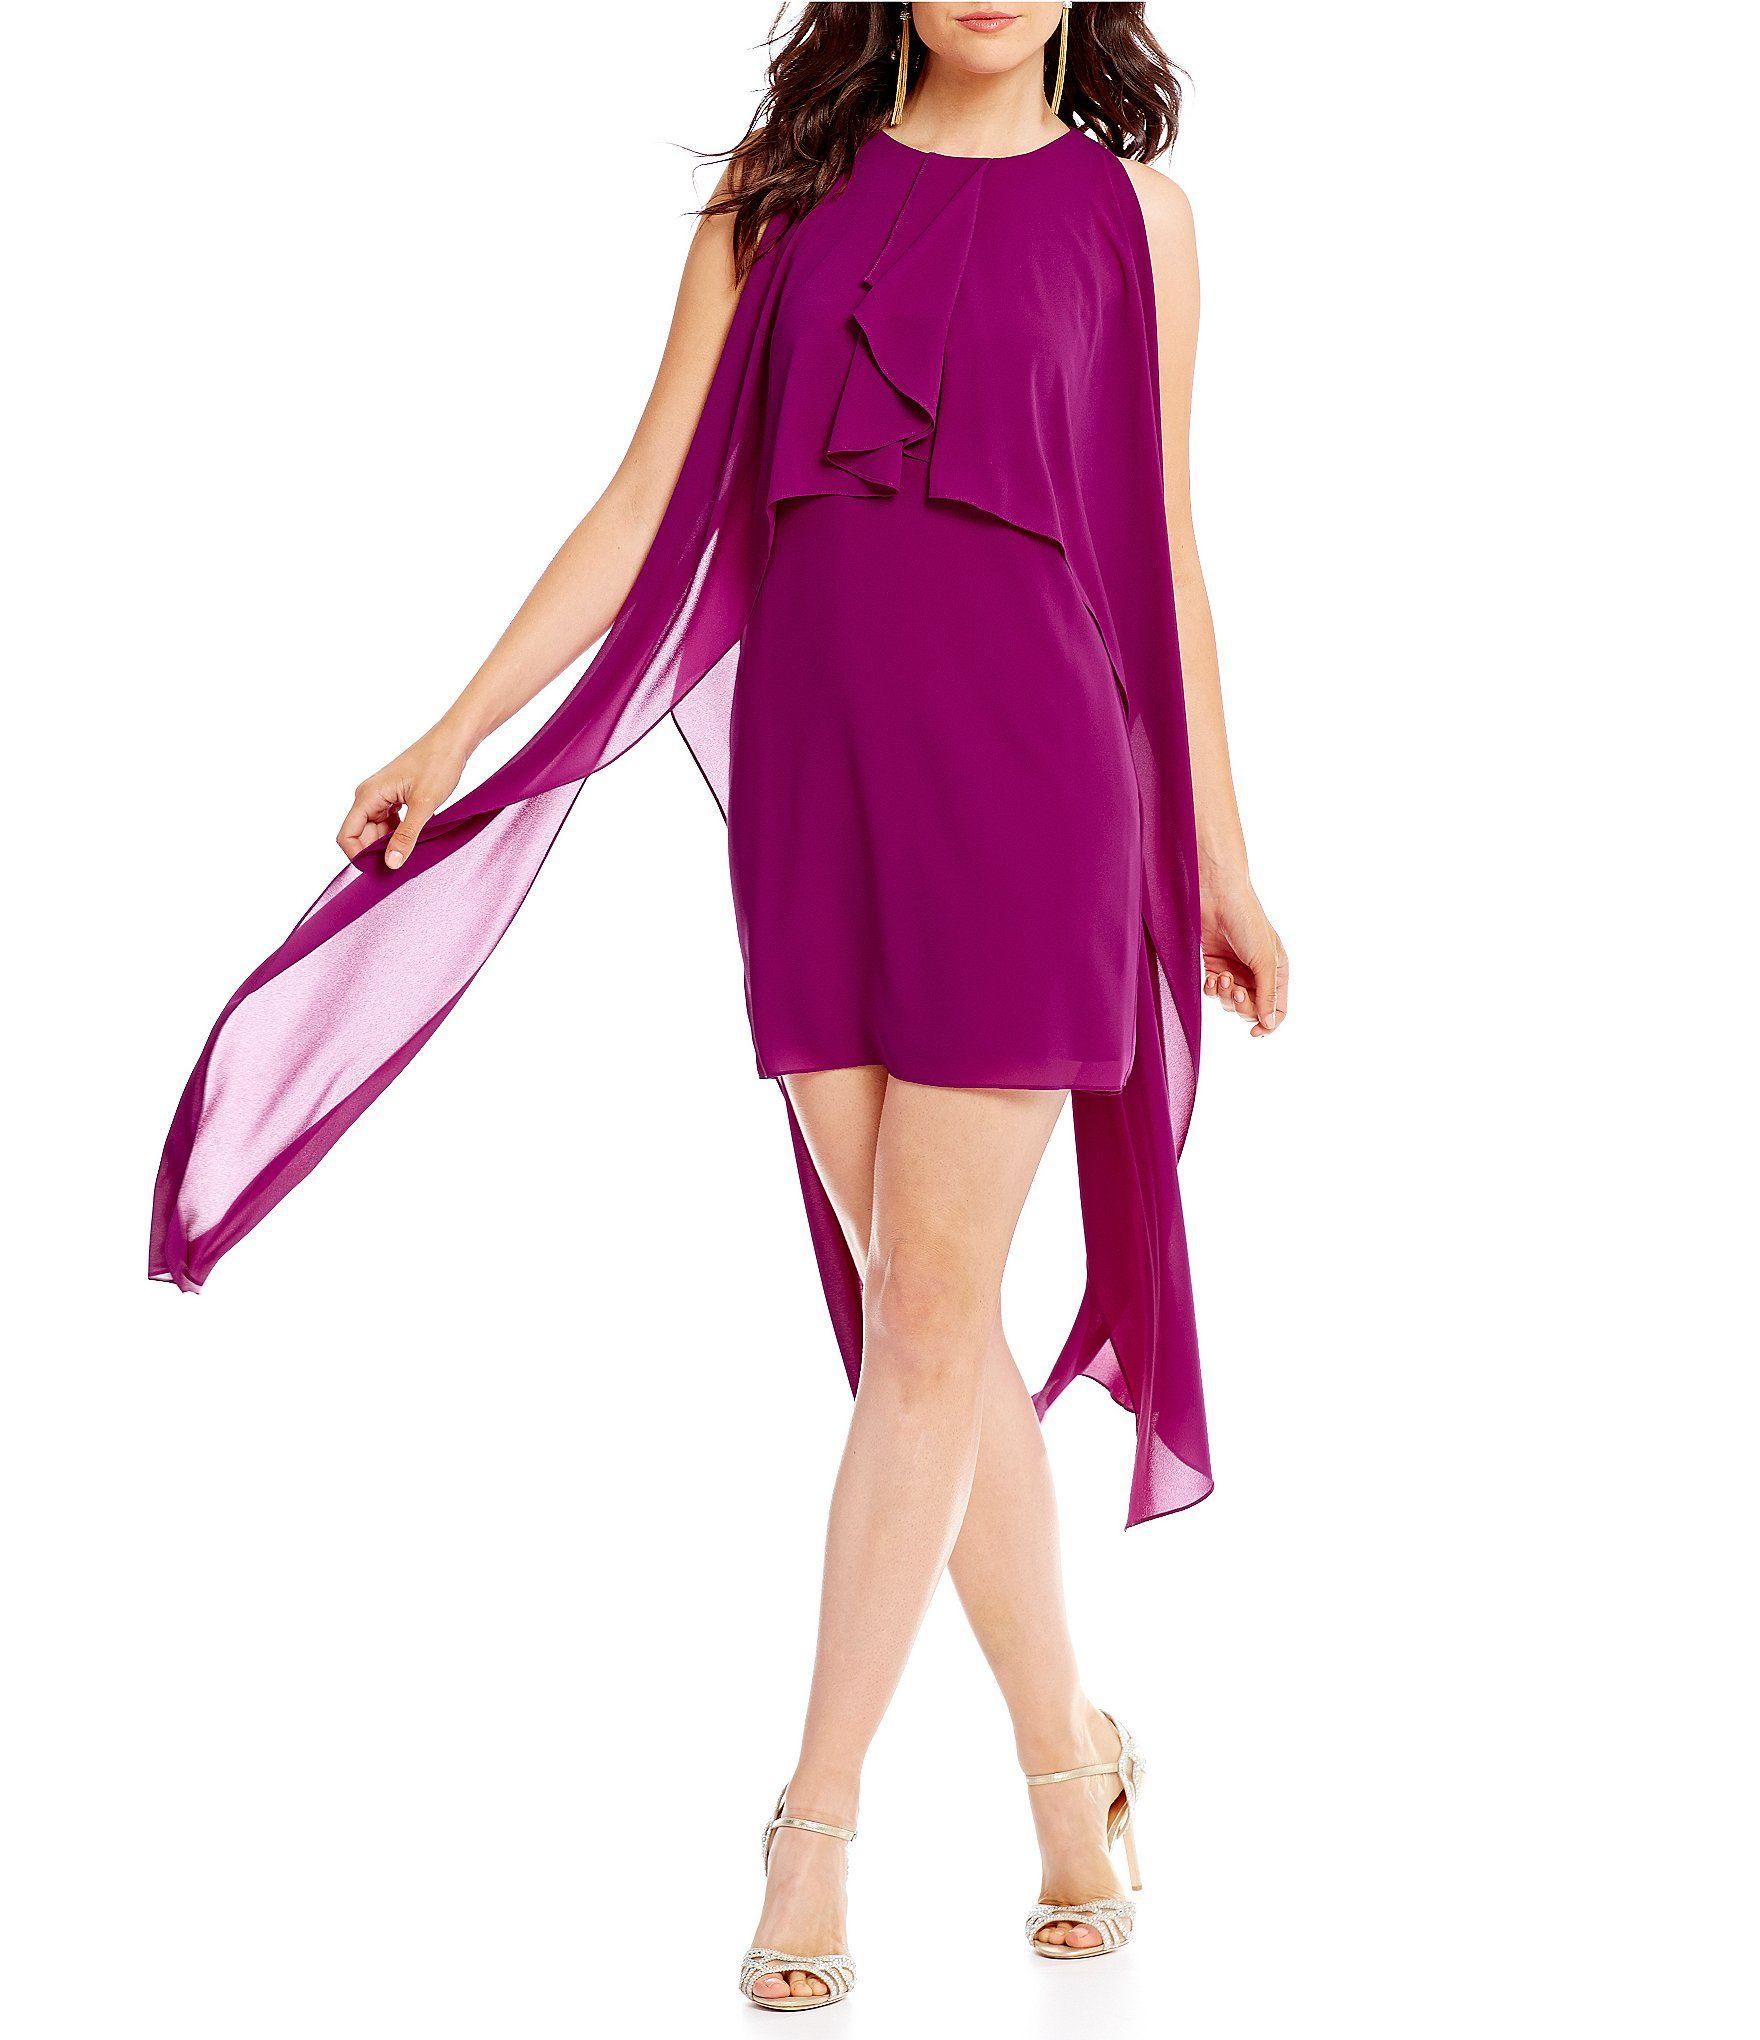 Belle Badgley Mischka Ruffled Dress #Dillards   Dresses   Pinterest ...